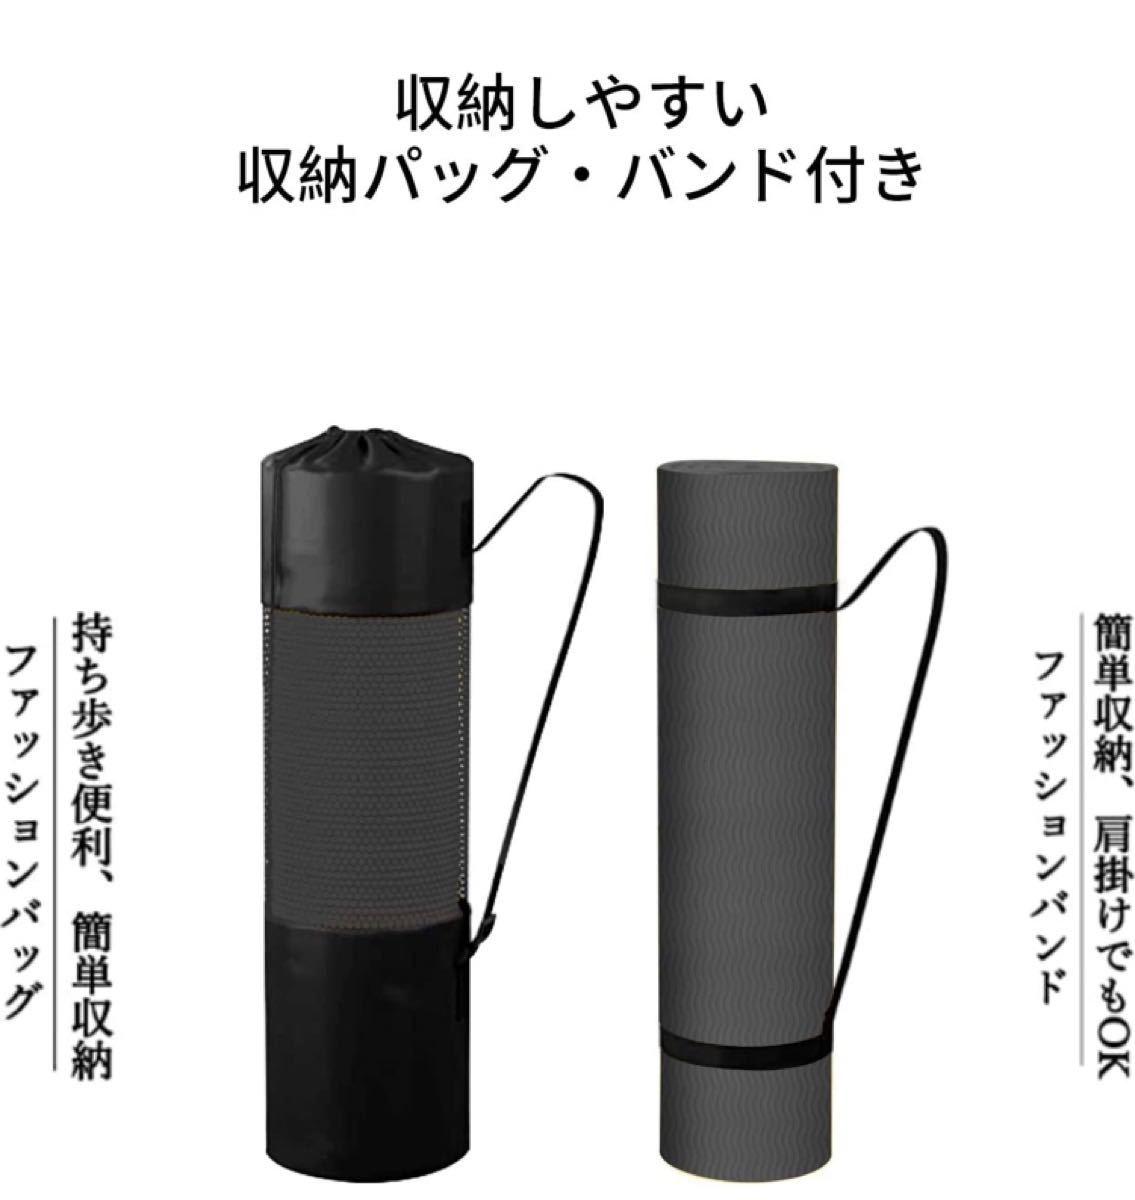 【ヨガ以外でも使用可能】ヨガマット8mm